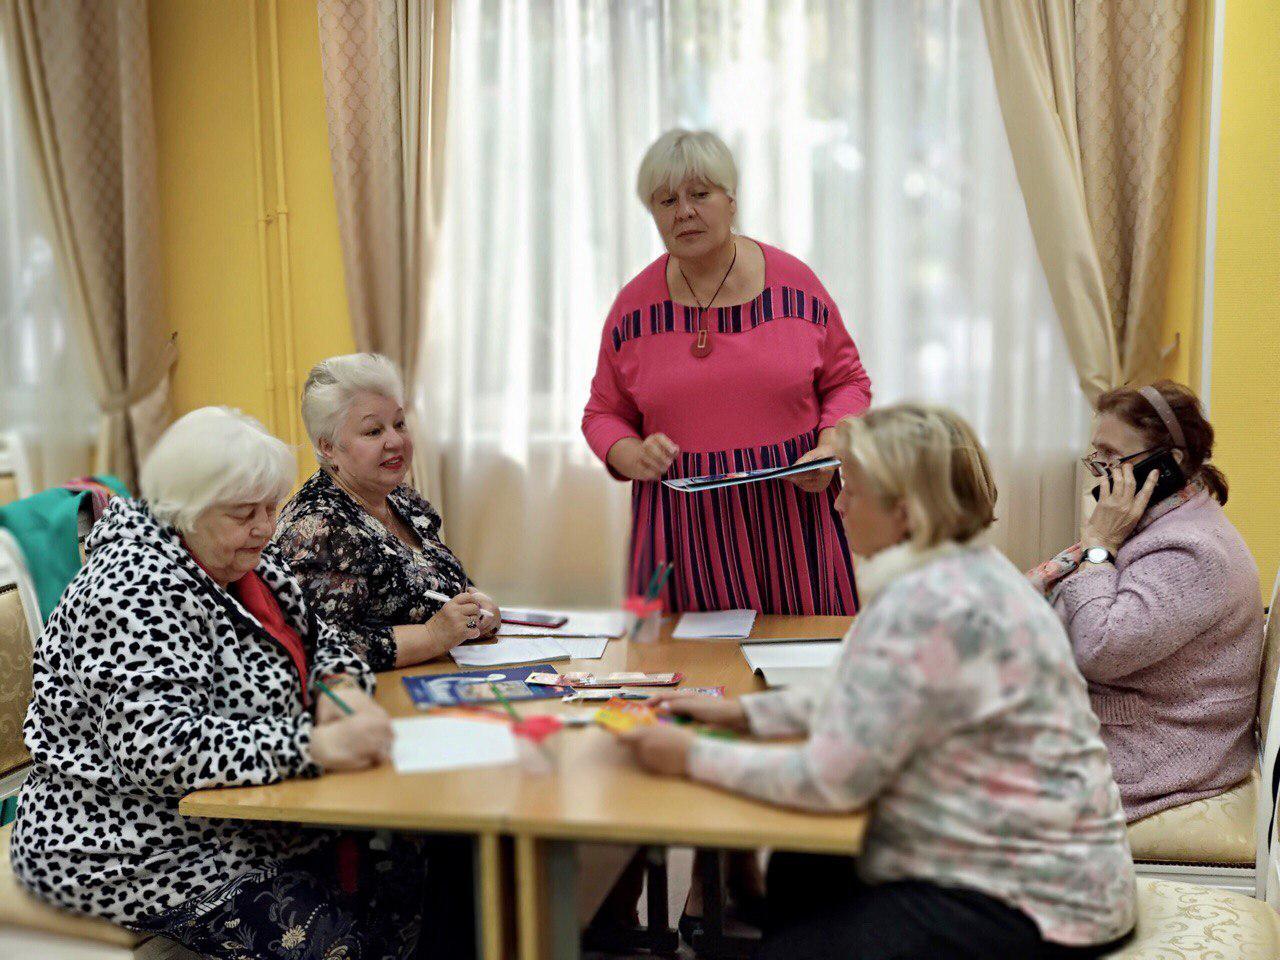 Занятия по направлениям «Информационные технологии» и «Творчество» для пенсионеров стартовали в Некрасовке